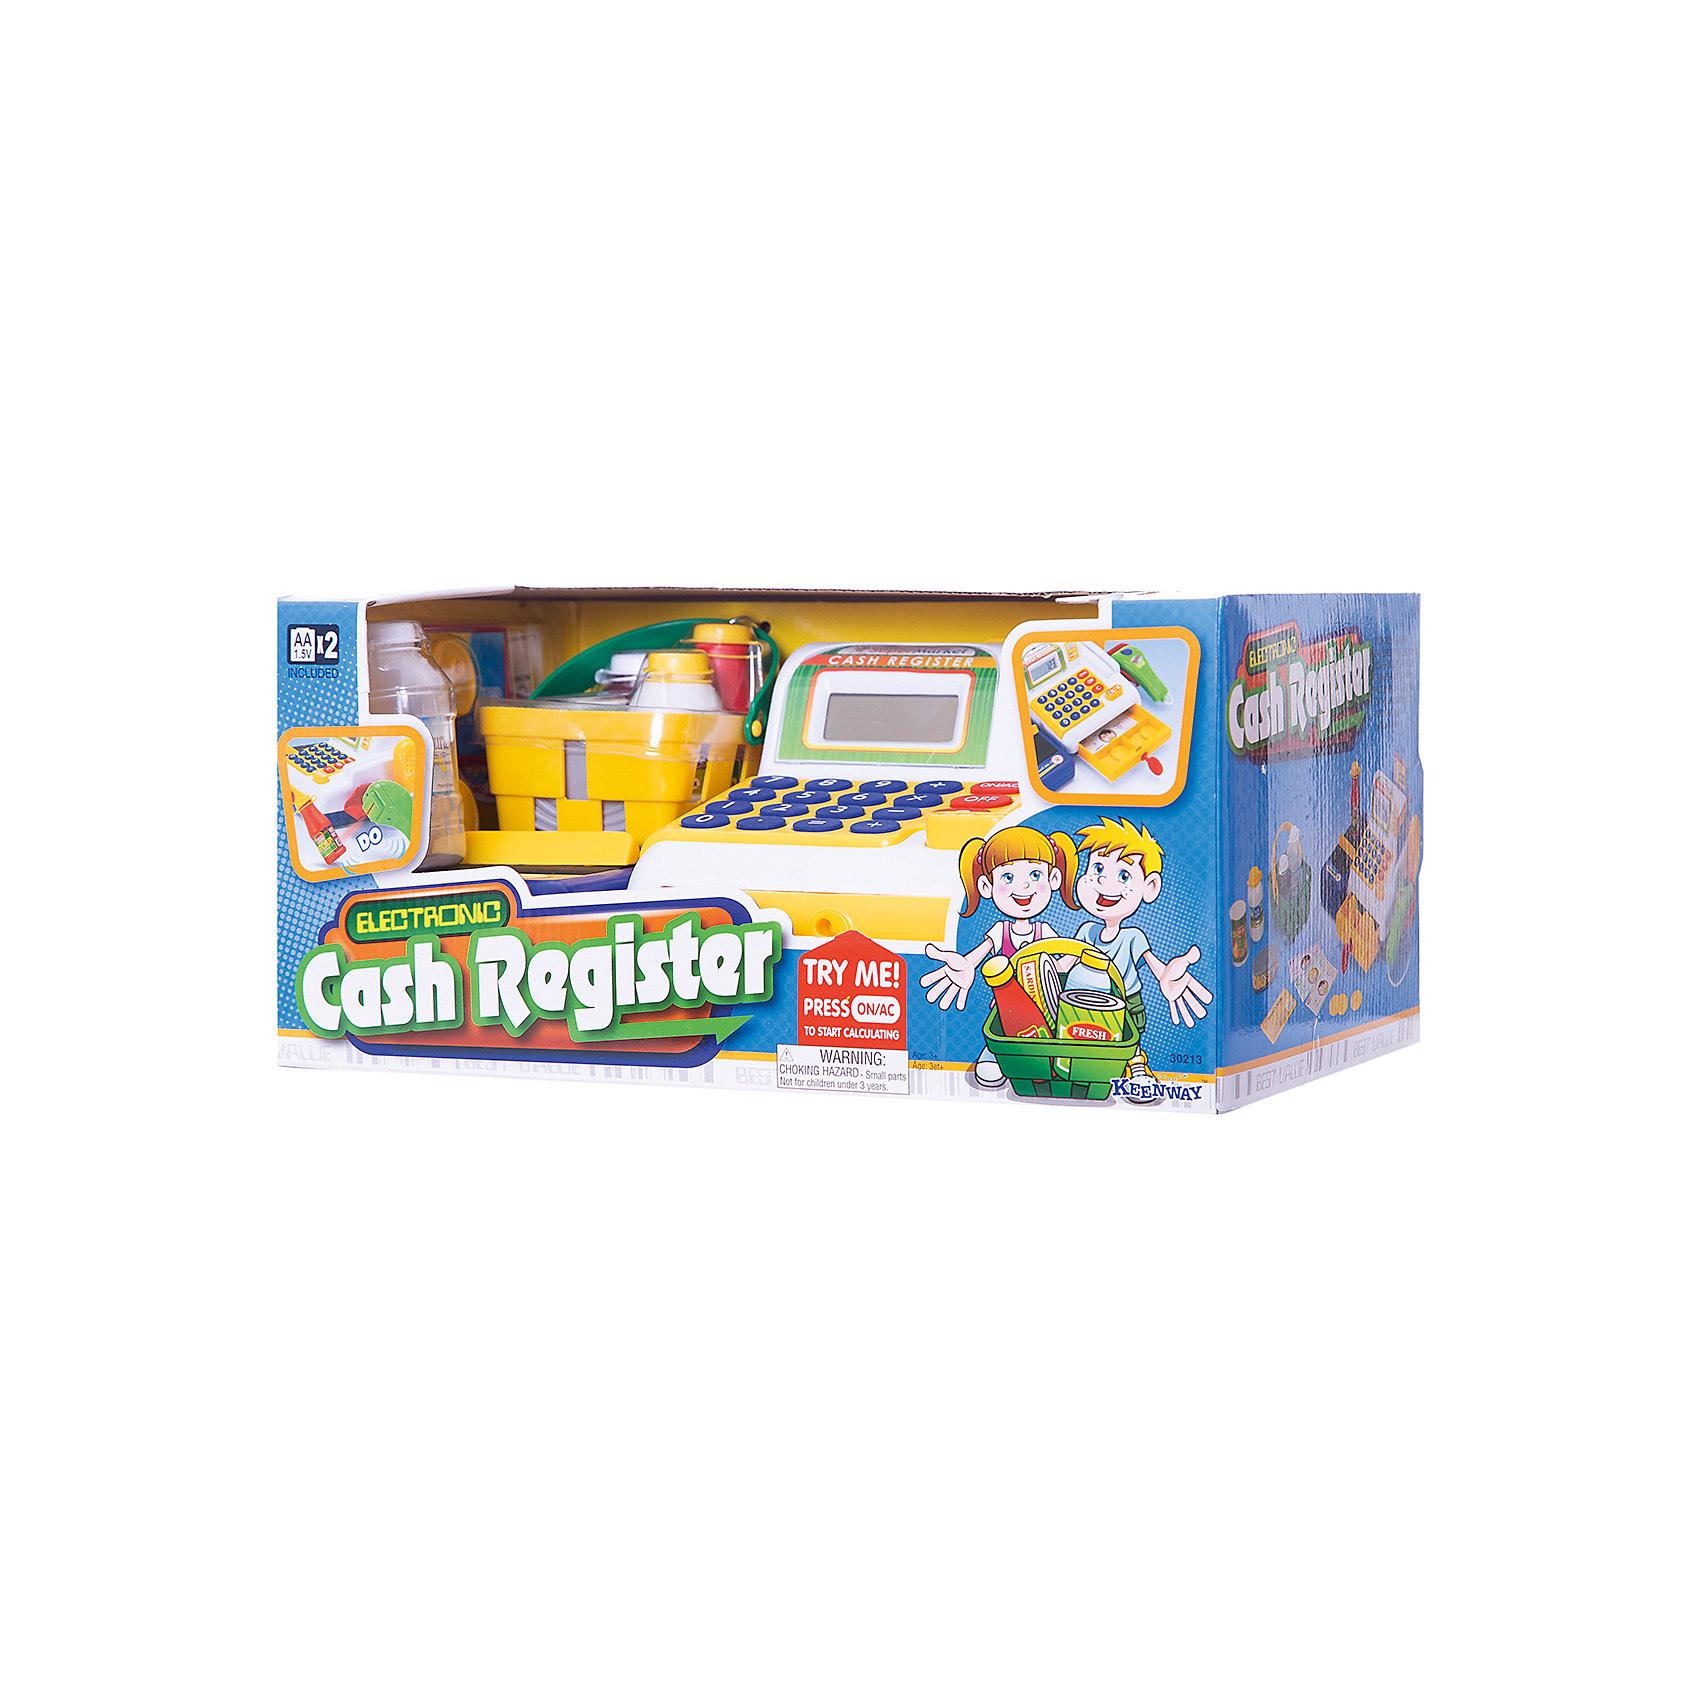 Кассовый аппарат, KeenwayДетские магазины и аксесссуары<br>Фирма Keenway (Кинвэй) - известный производитель потрясающих наборов для сюжетно-ролевых игр. Малыши обожают ходить в магазин, с Кассовым аппаратом от Keenway (Кинвэй) можно создать целый супермаркет у себя дома. Главной особенностью игрушки является то, что помимо кассового аппарата в наборе есть множество интересных аксессуаров: продукты, корзинка, деньги и даже лента для продуктов, которую можно вращать вручную. Кассовый аппарат снабжен экраном с функцией калькулятора: обучайте малыша счету играючи! Благодаря замечательному сканеру со светом и звуком маленький кассир быстро обслужит покупателей. Расплачиваться можно денежками и пластиковой картой, для которой в кассе тоже есть отделение. Собирайте друзей и играйте в супермаркет с помощью замечательного кассового аппарата от Keenway (Кинвэй)!<br><br>Дополнительная информация: <br><br>- В комплекте: кассовый аппарат, муляжи продуктов, корзина для покупок, игрушечные деньги и банковская карта;<br>- Функция калькулятора;<br>- Звуковые эффекты;<br>- Дорожка для кредитки;<br>- Звуковой сканер;<br>- Потрясающий подарок;<br>- Тип батареек: 2 батарейки типа АА (в комплекте);<br>- Размер игрушки: 33 х 13 х 19 см;<br>- Размер упаковки: 21 х 35,6 х 16,5 см;<br>- Вес: 1,1 кг<br><br>Кассовый аппарат, Keenway (Кинвэй) можно купить в нашем интернет-магазине<br><br>Ширина мм: 210<br>Глубина мм: 356<br>Высота мм: 165<br>Вес г: 1140<br>Возраст от месяцев: 36<br>Возраст до месяцев: 84<br>Пол: Женский<br>Возраст: Детский<br>SKU: 4001679